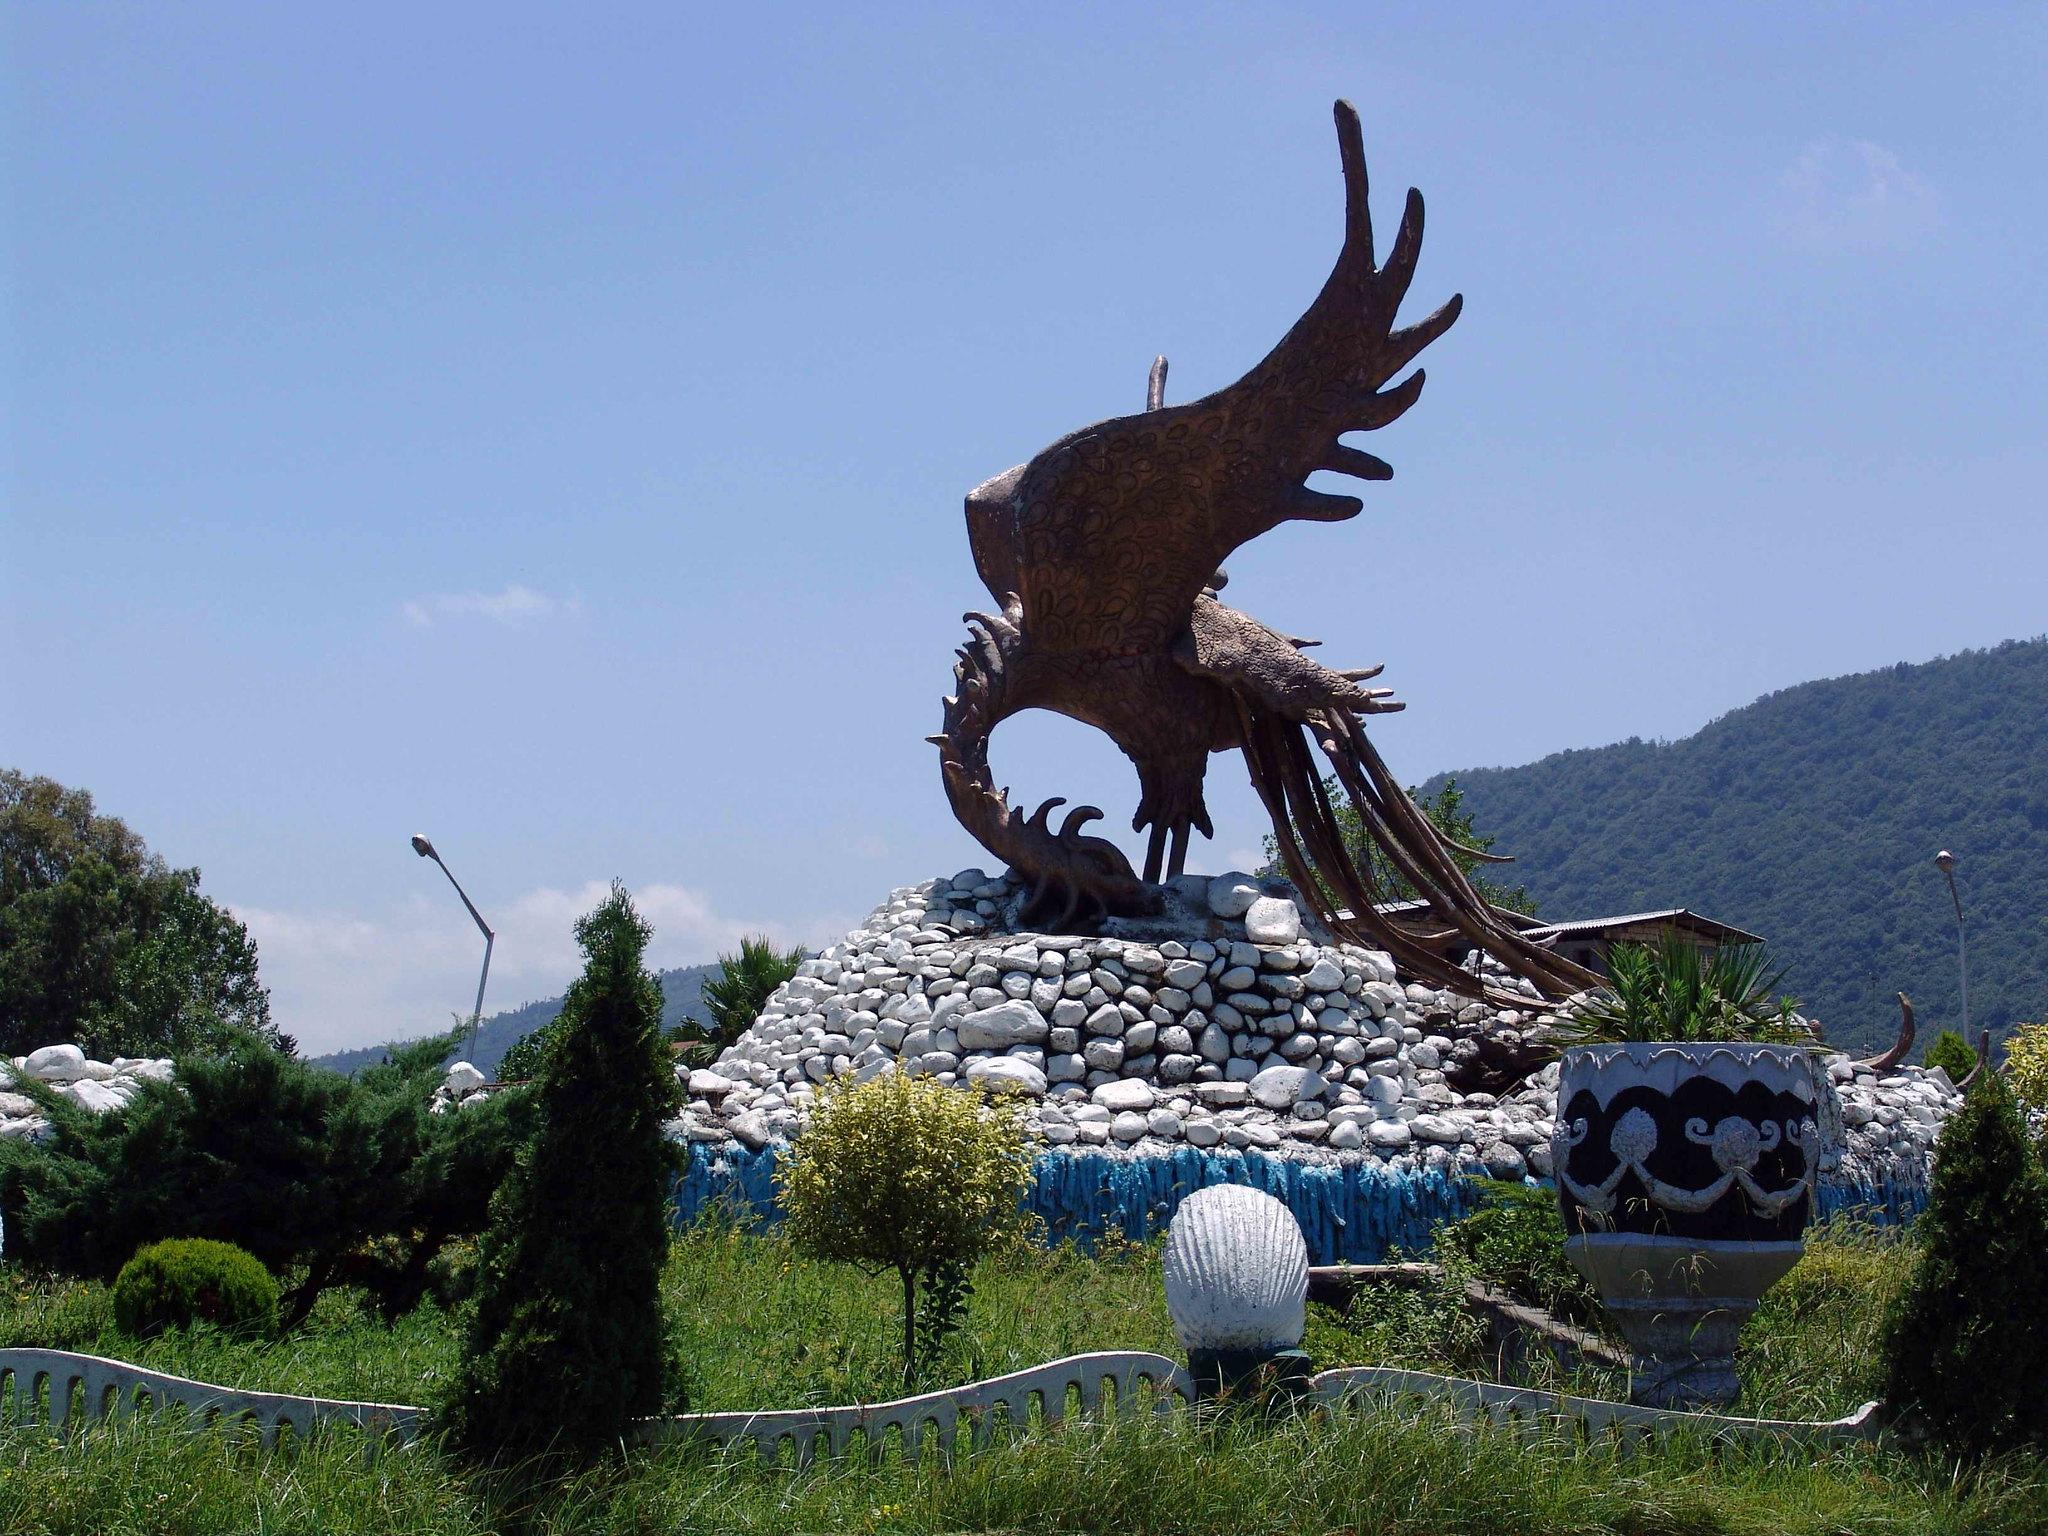 جاهای دیدنی رامسر ؛ مقصدی رؤیایی مخصوص گردشگران پرنشاط